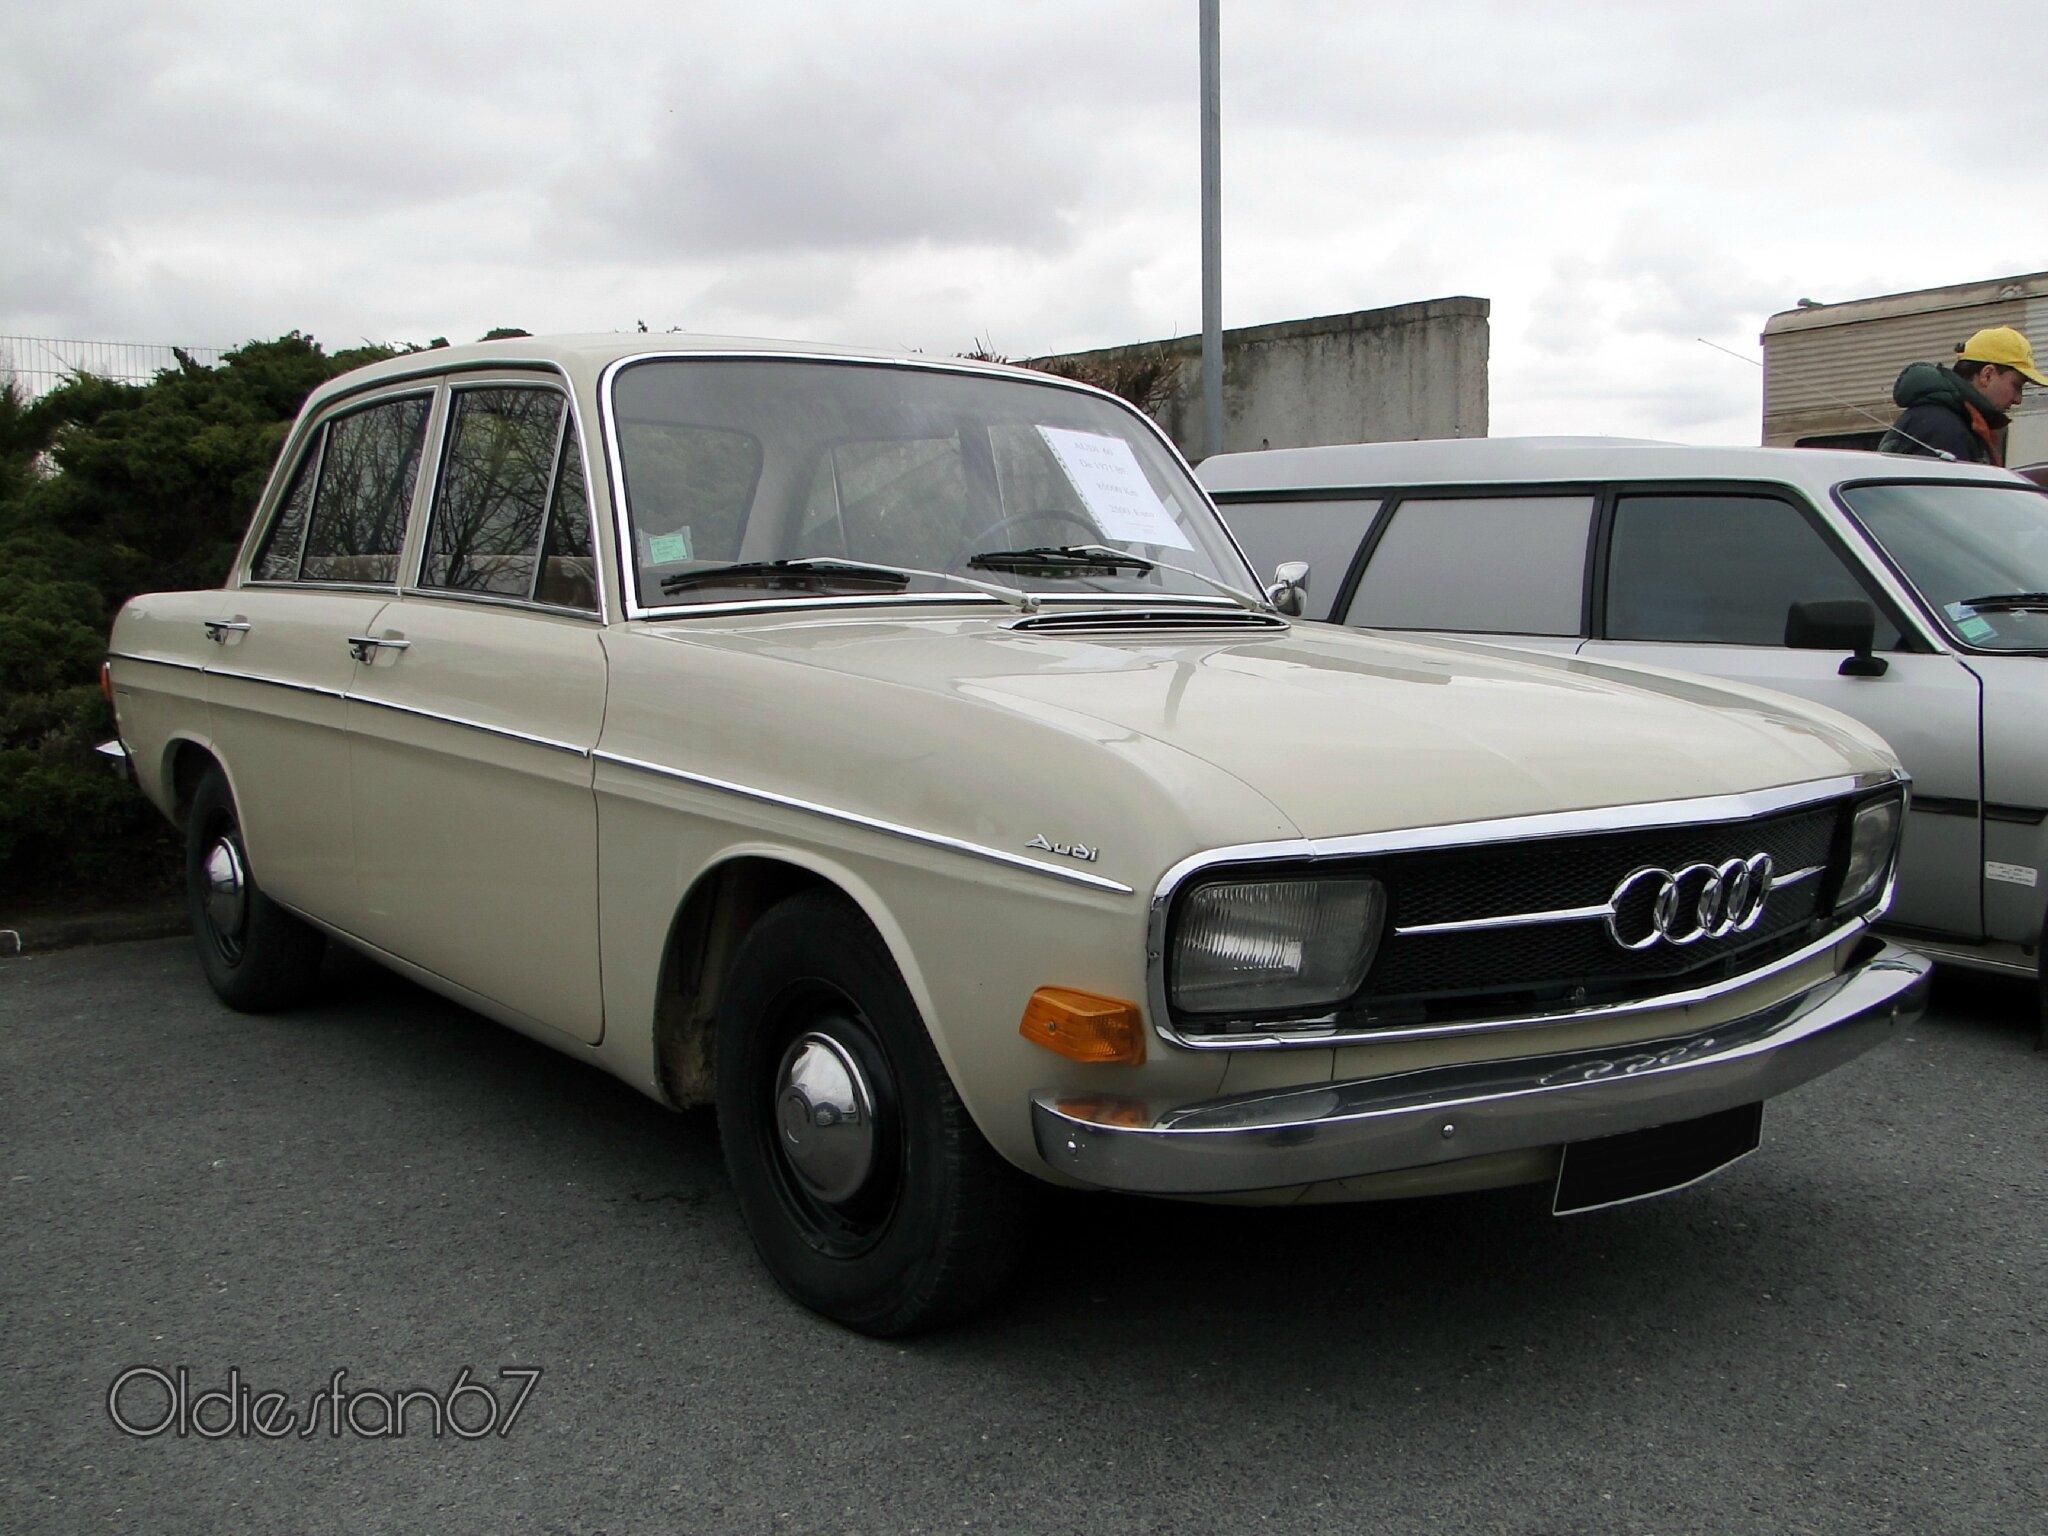 """Audi 60 4 portes-1971 - Oldiesfan67 """"Mon blog auto"""""""